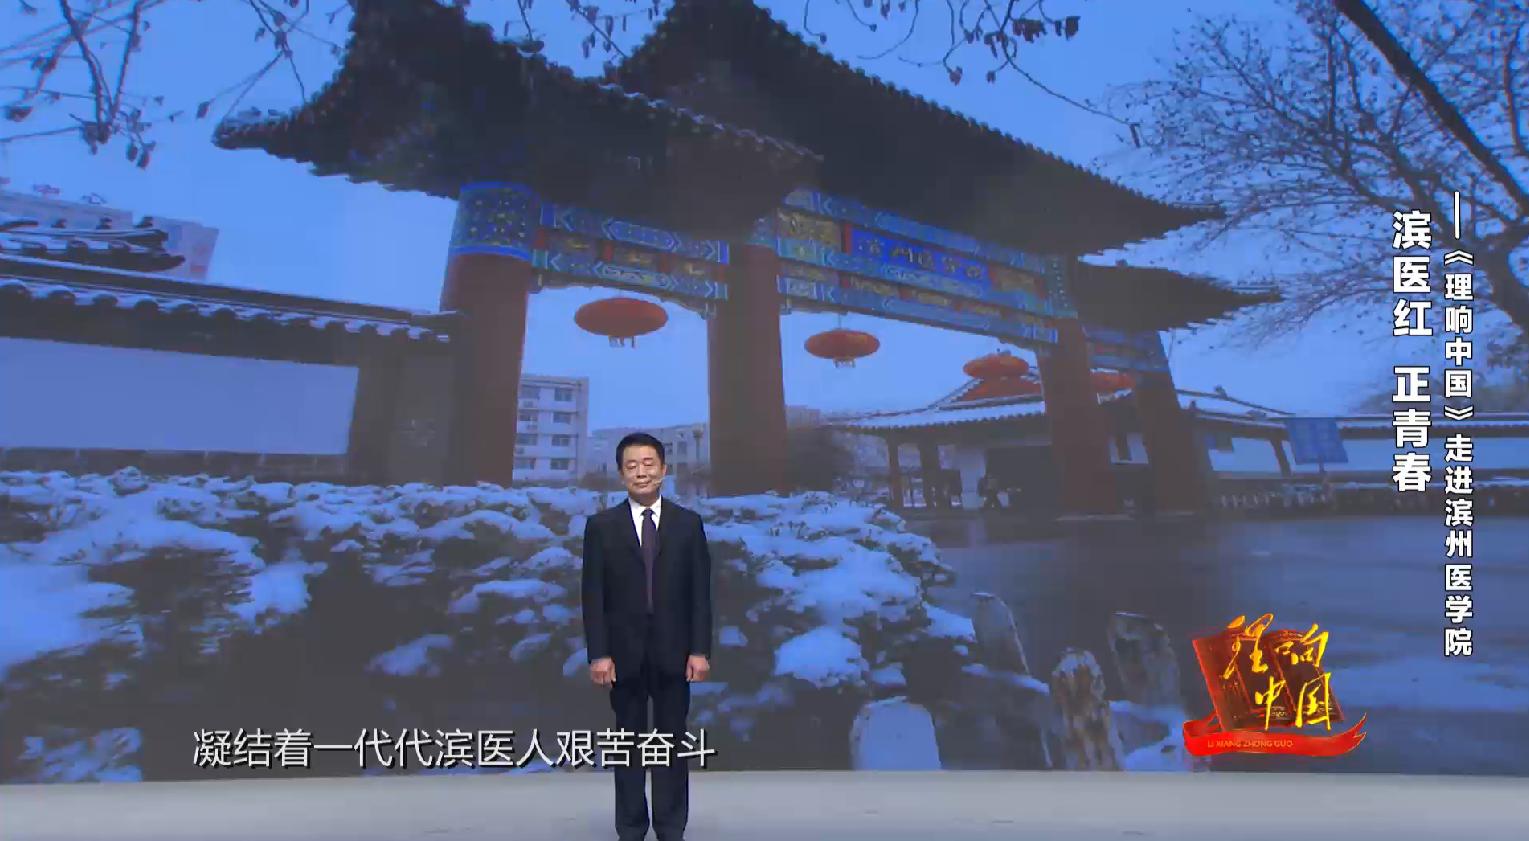 20210509《理響中國》走進濱州醫學院特別節目:濱醫紅 正青春